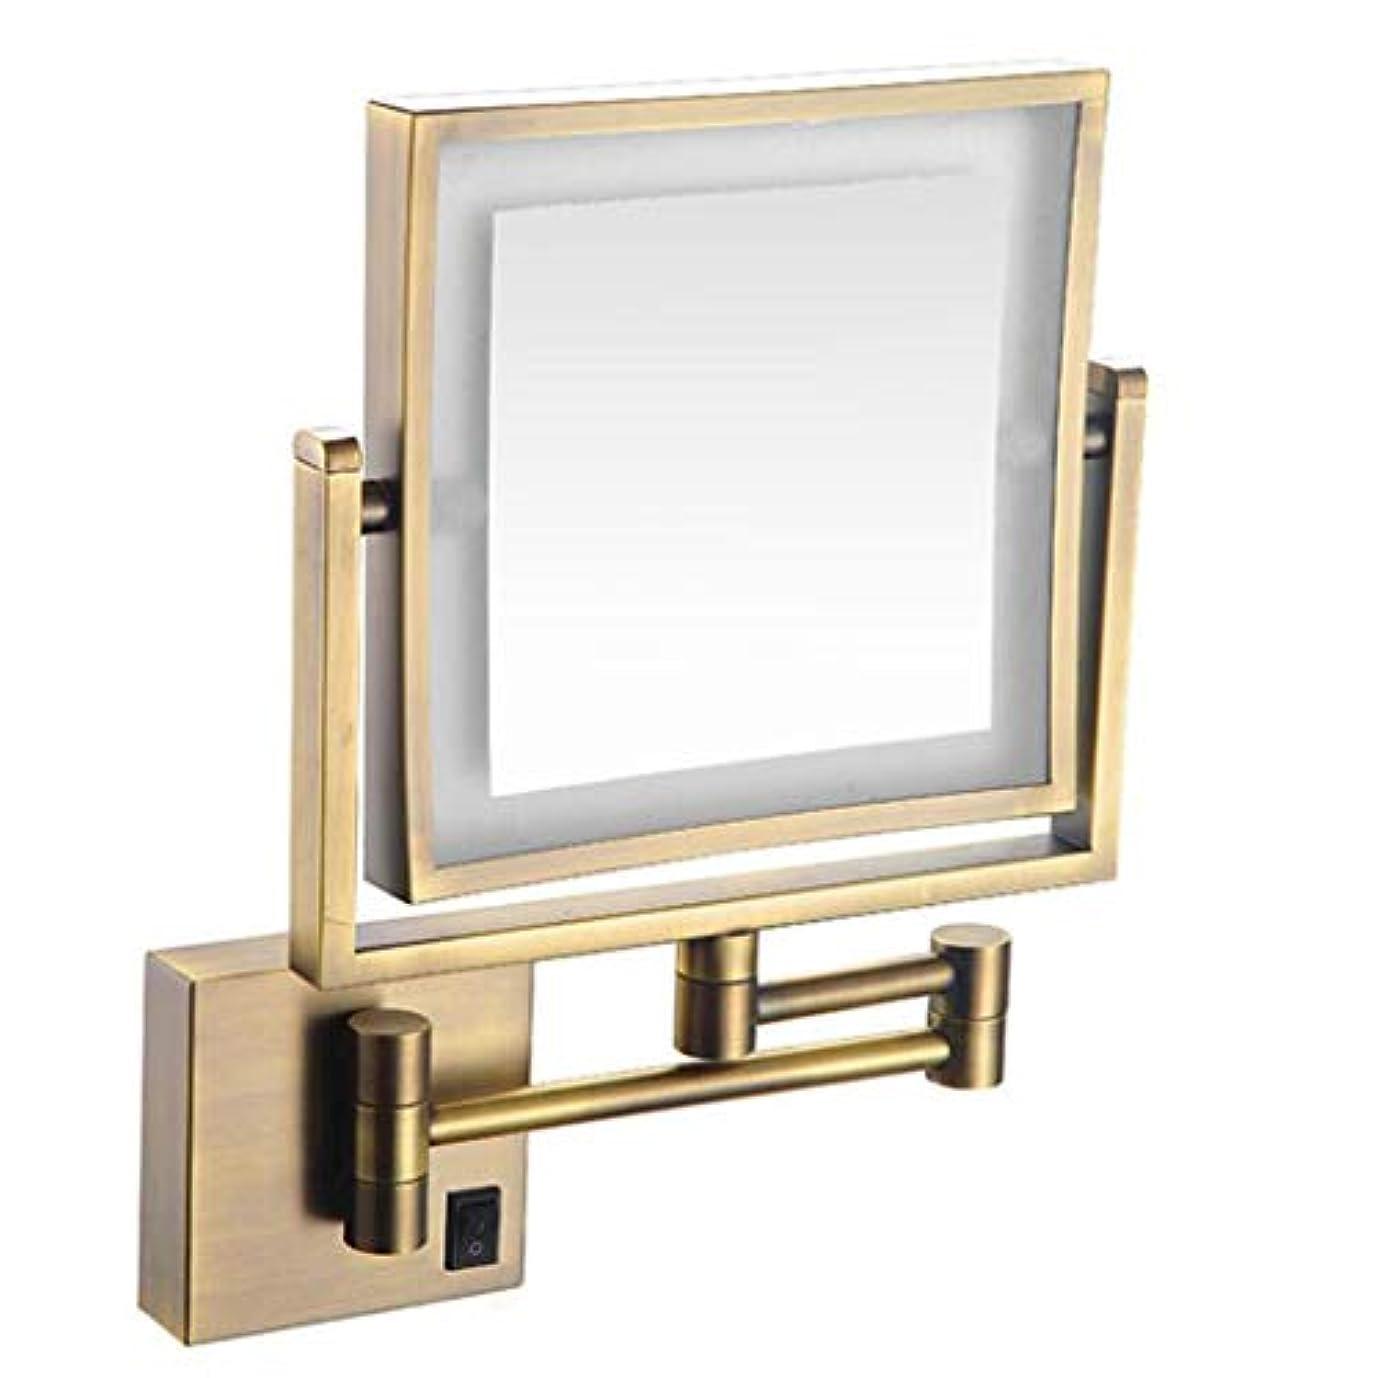 大学院ピンアートHUYYA バスルームメイクアップミラー LEDライト付き、3 倍拡大鏡 8インチ化粧鏡 シェービングミラー 壁付 バニティミラー 両面 寝室や浴室に適しています,Antique_Powered by Plug